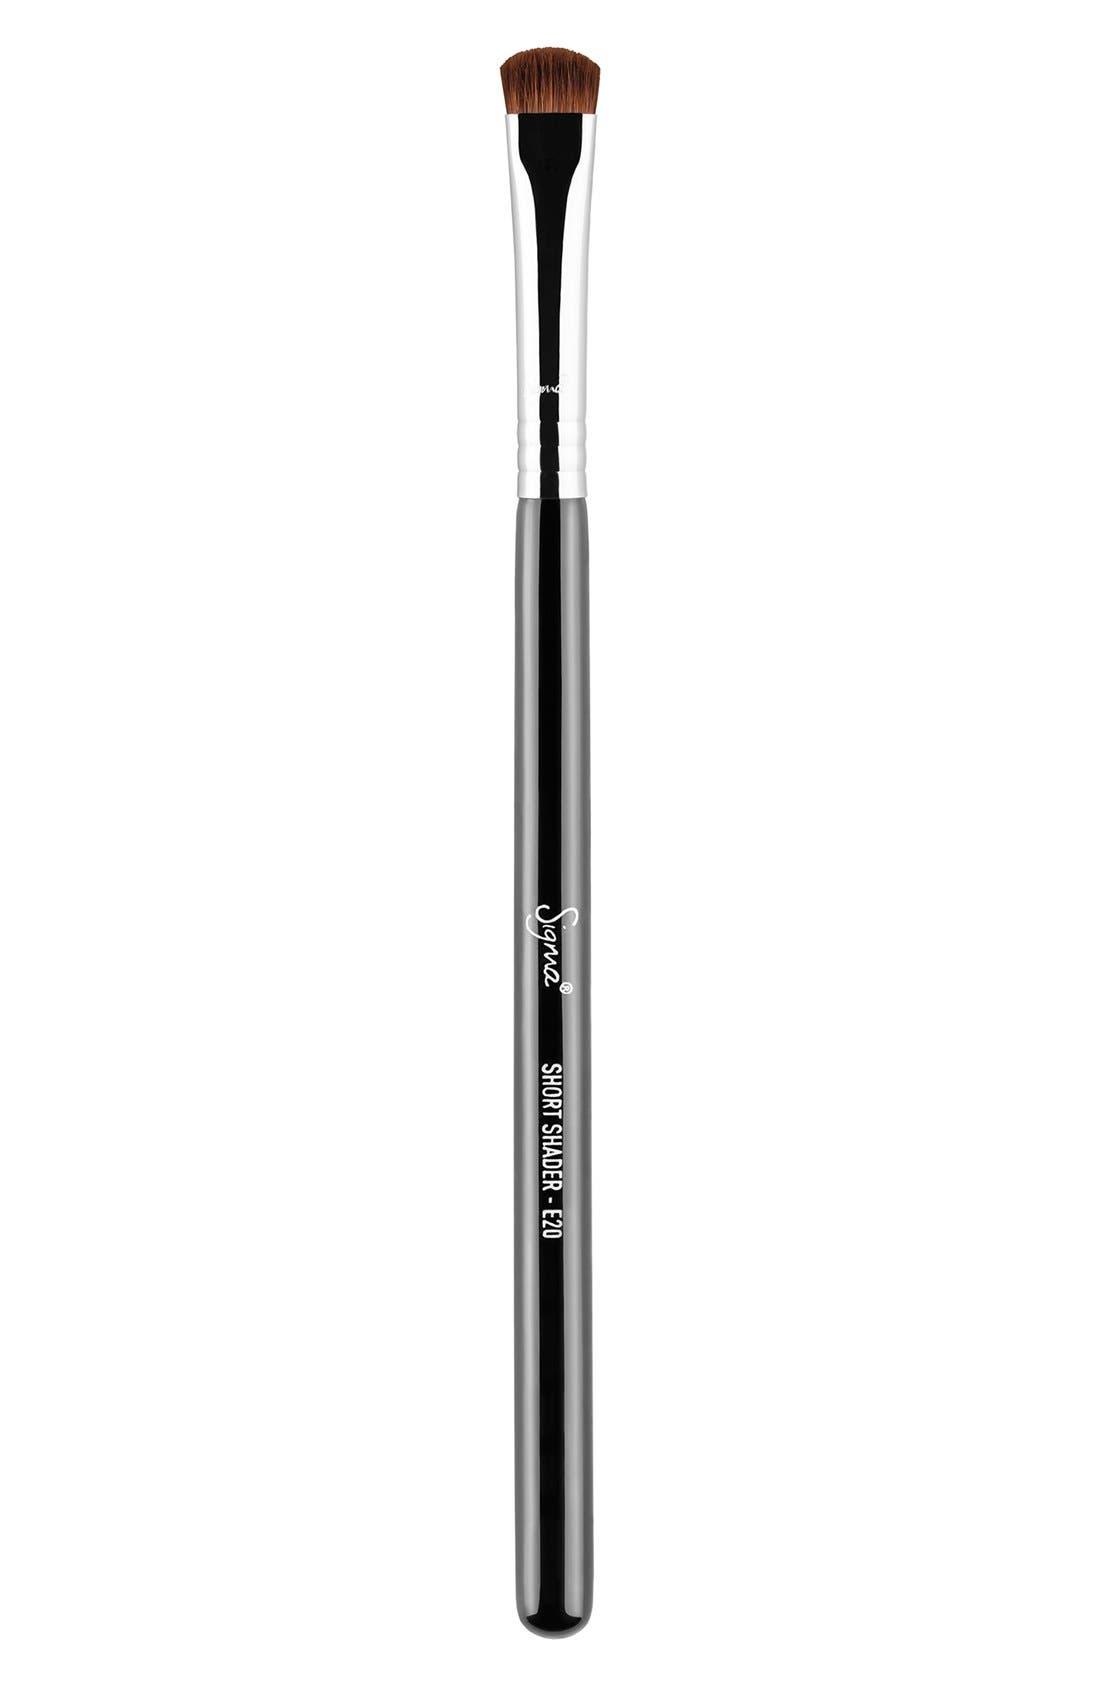 E20S Short Shader Brush,                             Main thumbnail 1, color,                             NO COLOR